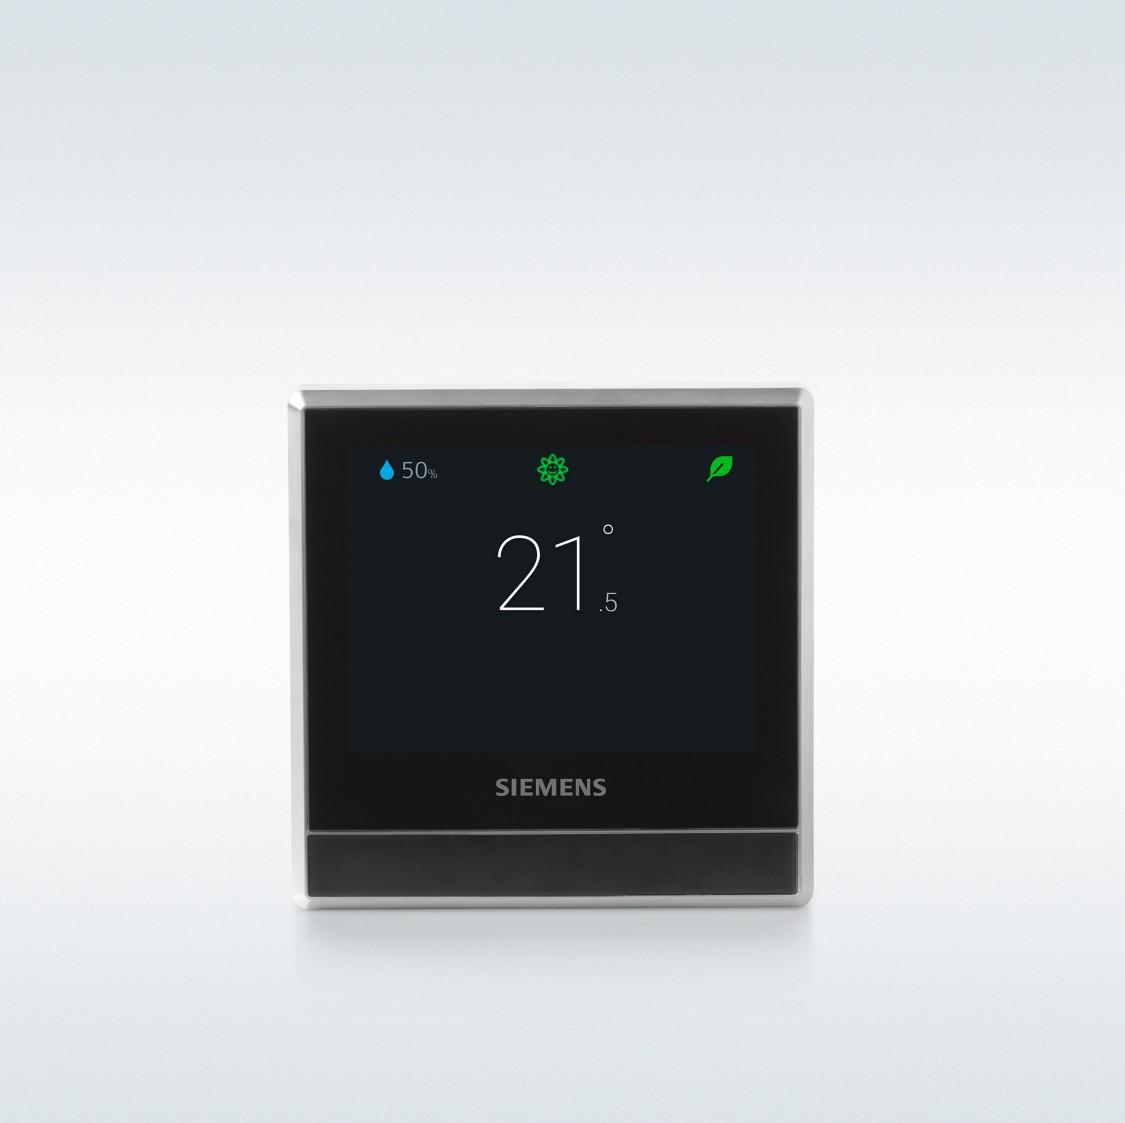 Chytrý termostat RDS110 s integrovaným čidlem prostorové teploty, relativní vlhkosti a kvality vzduchu.